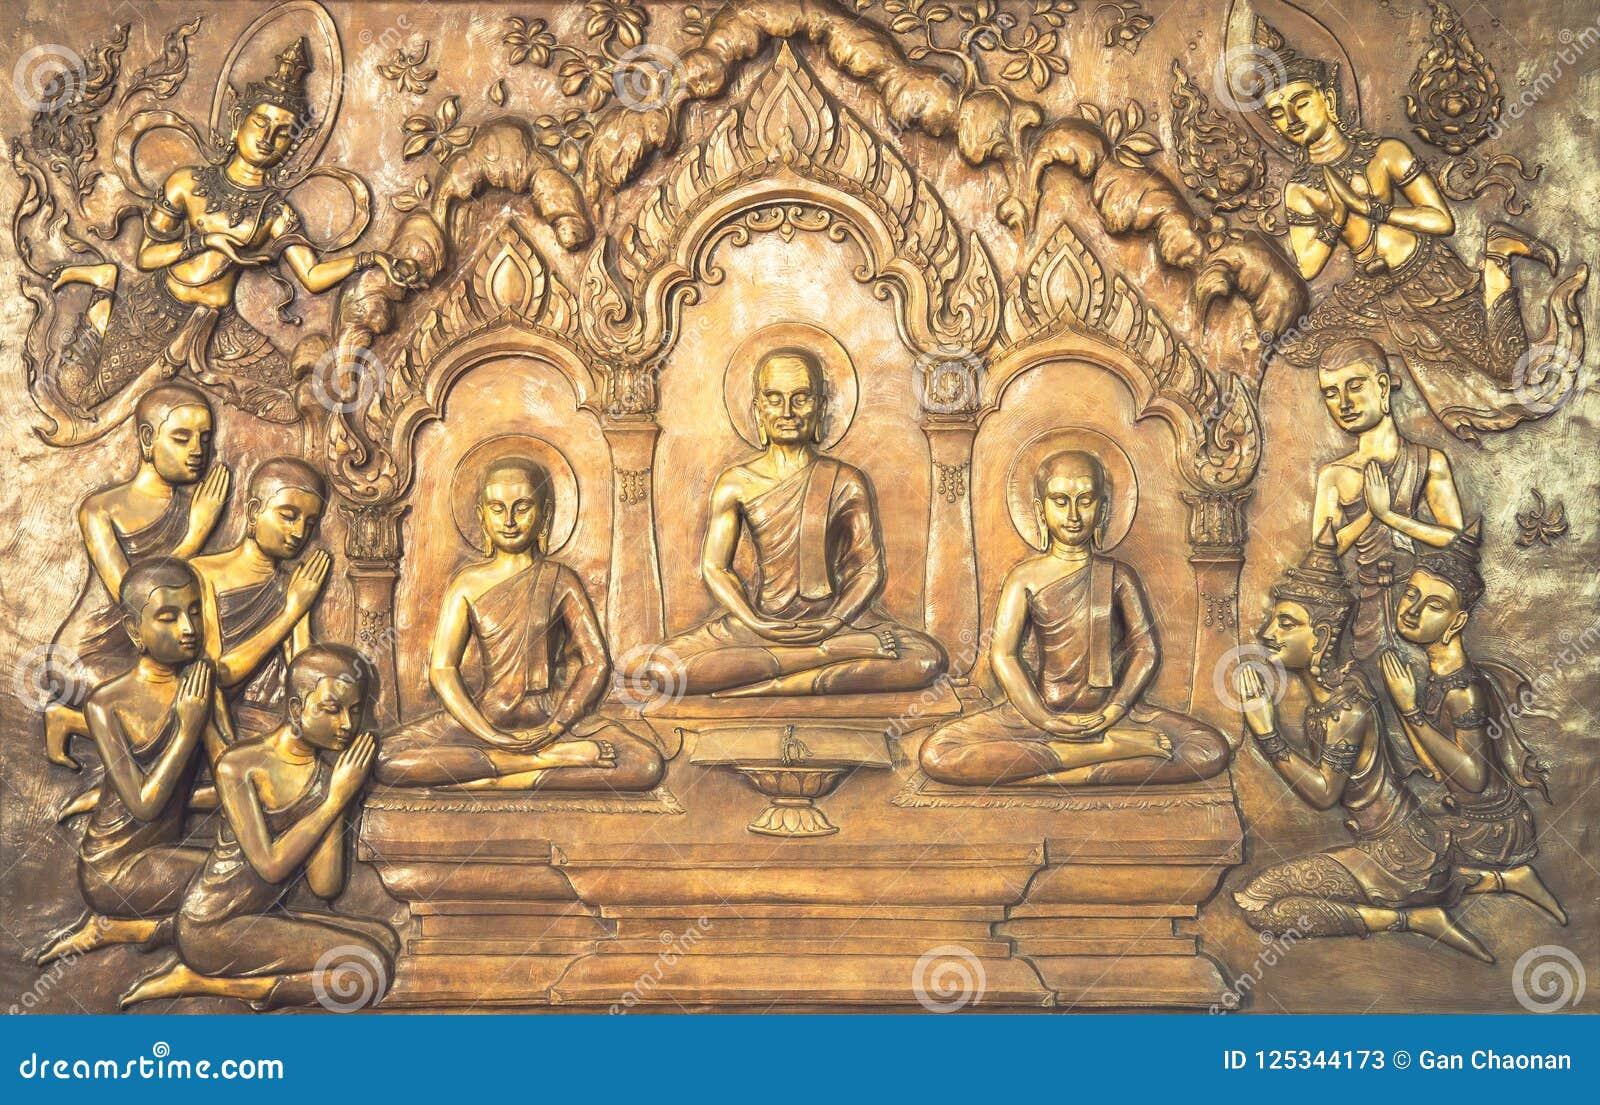 菩萨木雕刻 壁画讲关于菩萨` s历史的故事